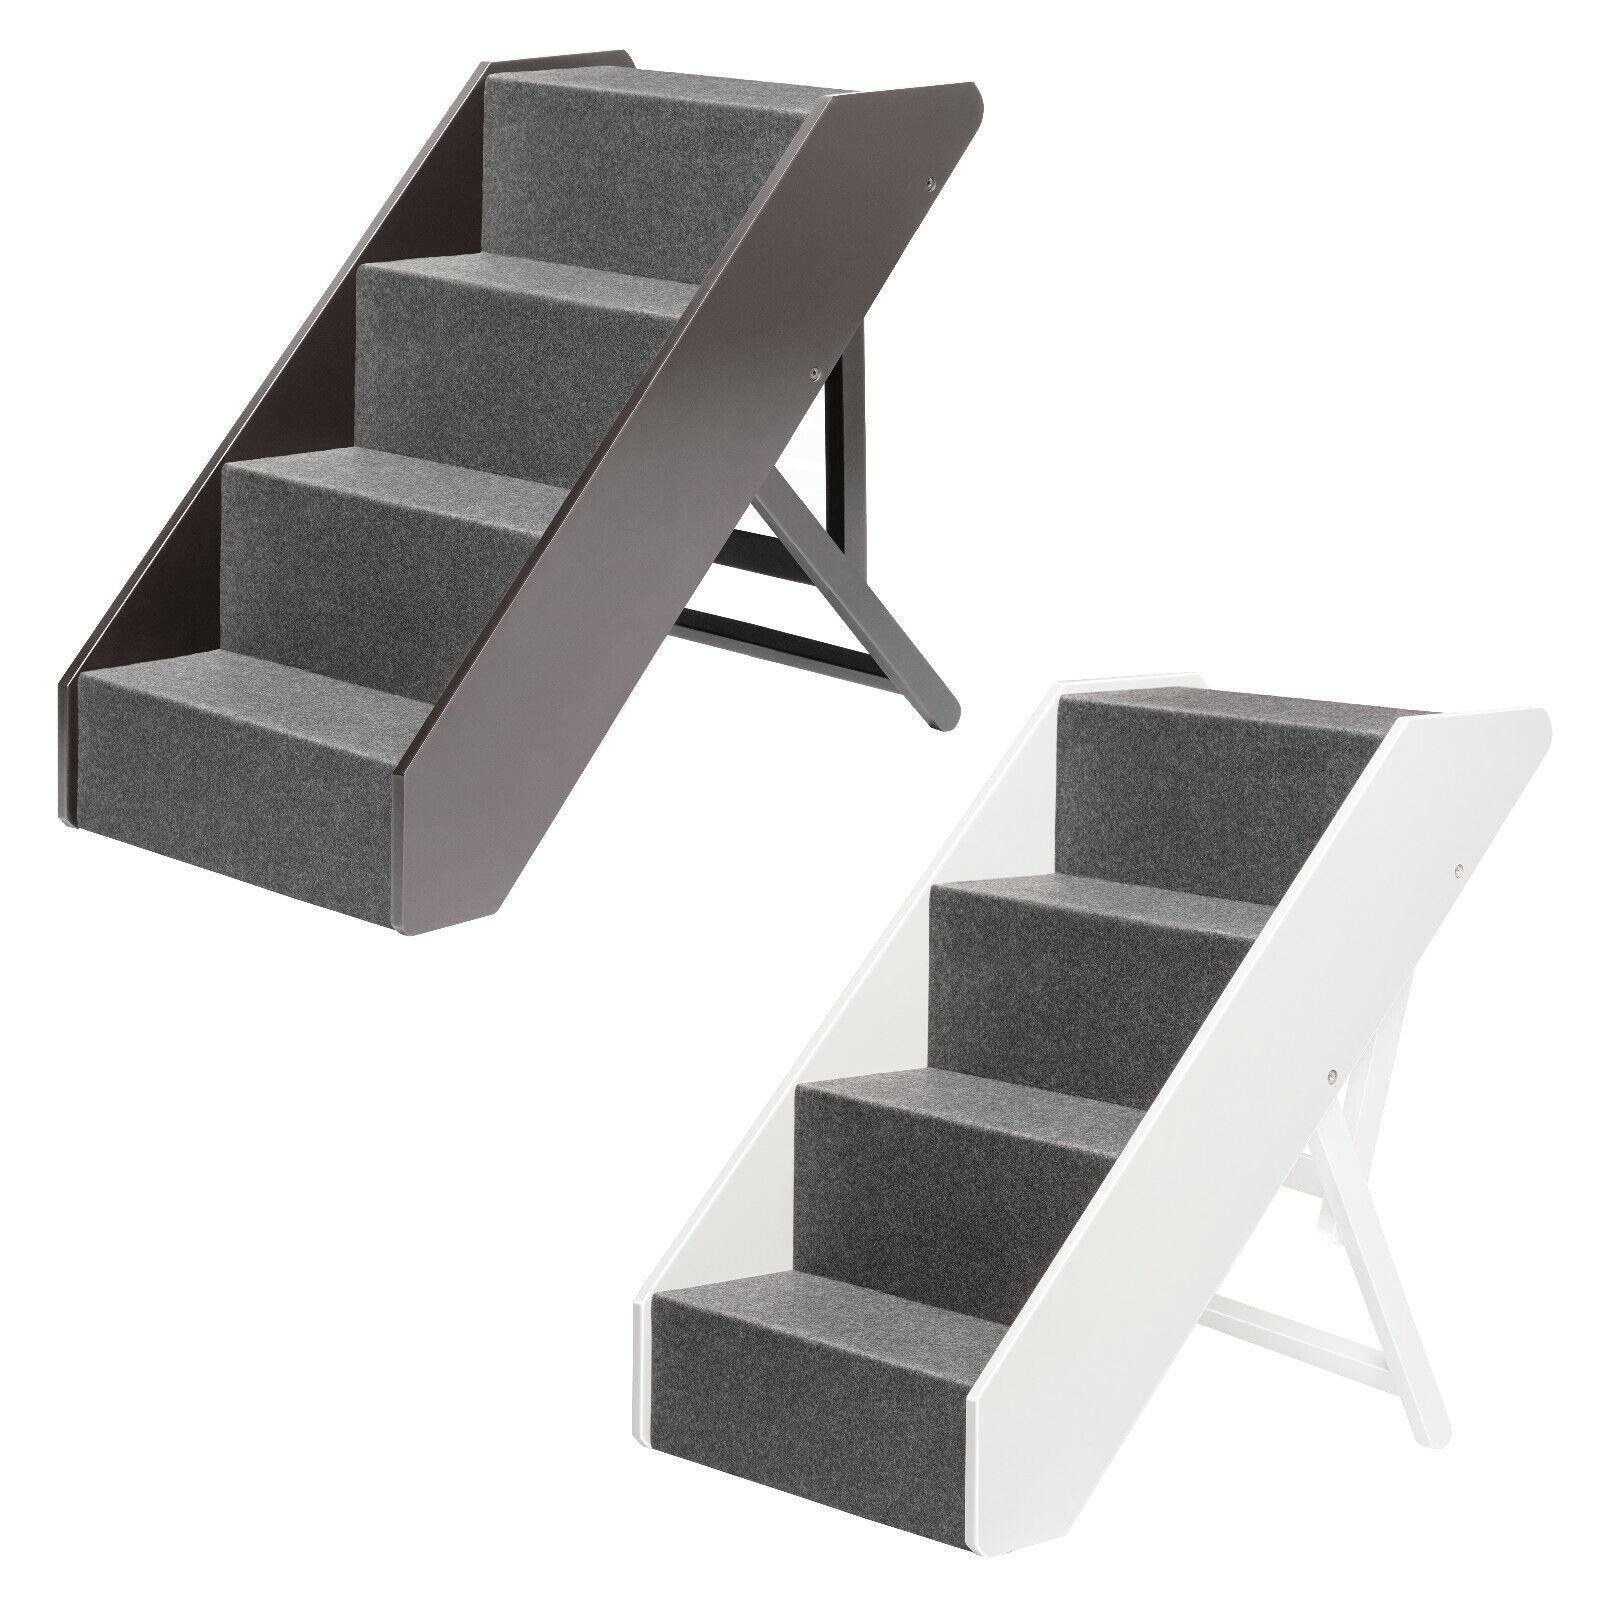 Upp animale scale Deluxe massiccio FSC legno 4 fasi scale cani gatti scale rampa